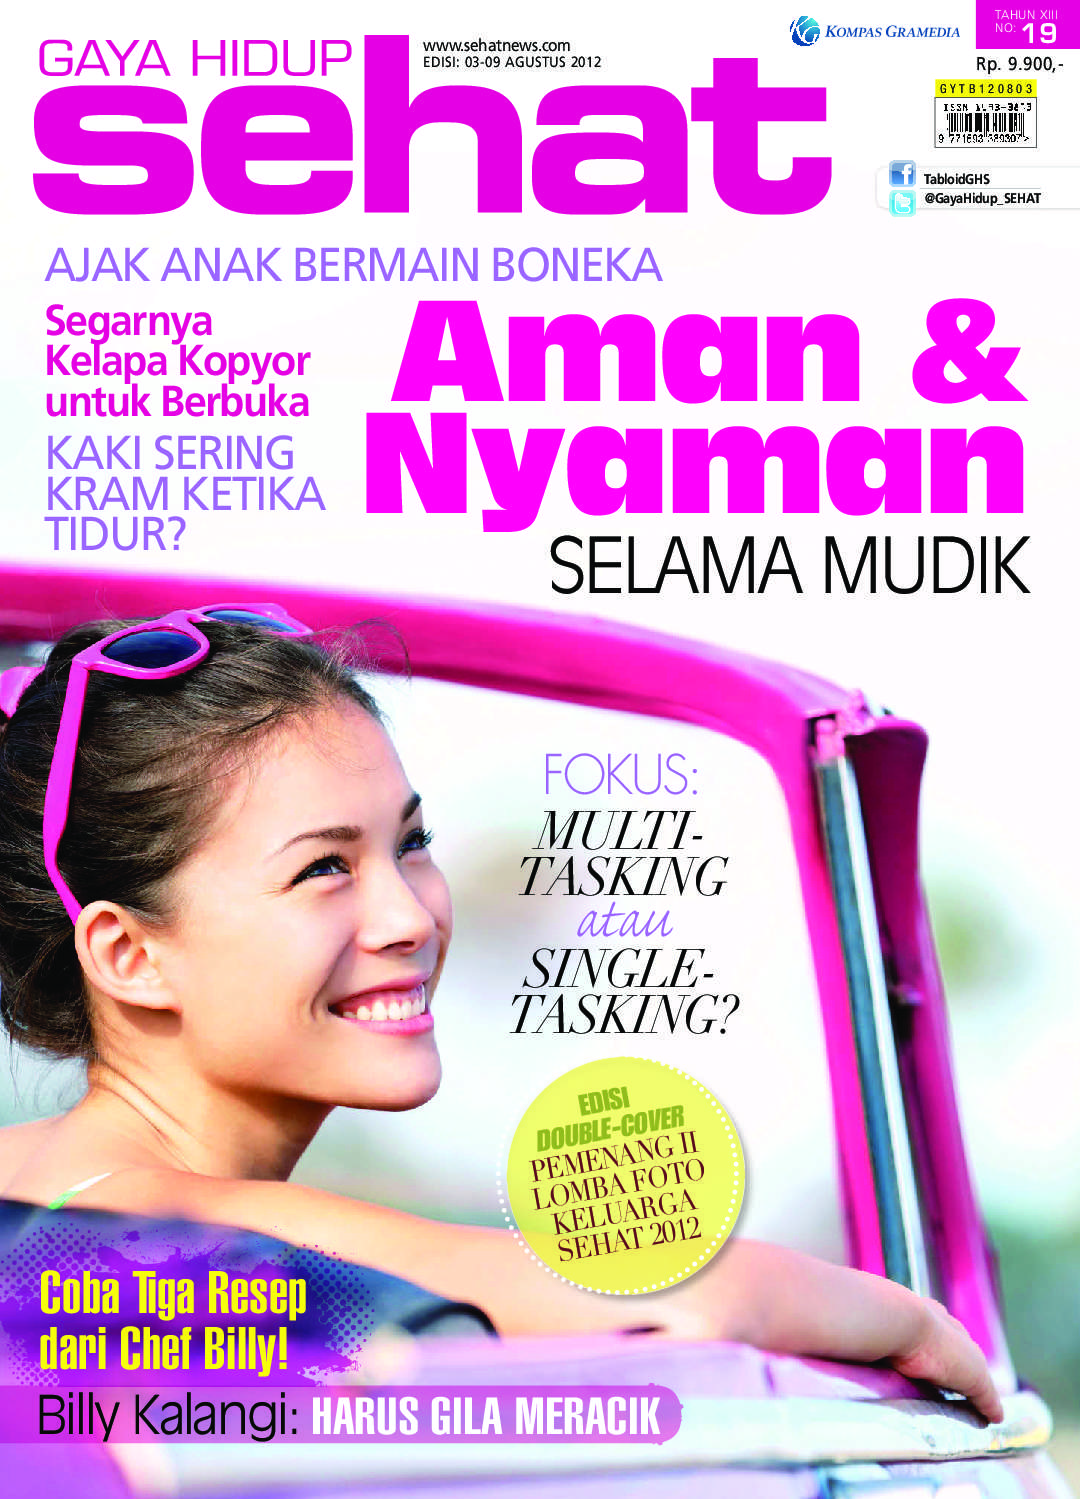 Jual Majalah Gaya Hidup Sehat Ed 19 2012 Gramedia Digital Indonesia